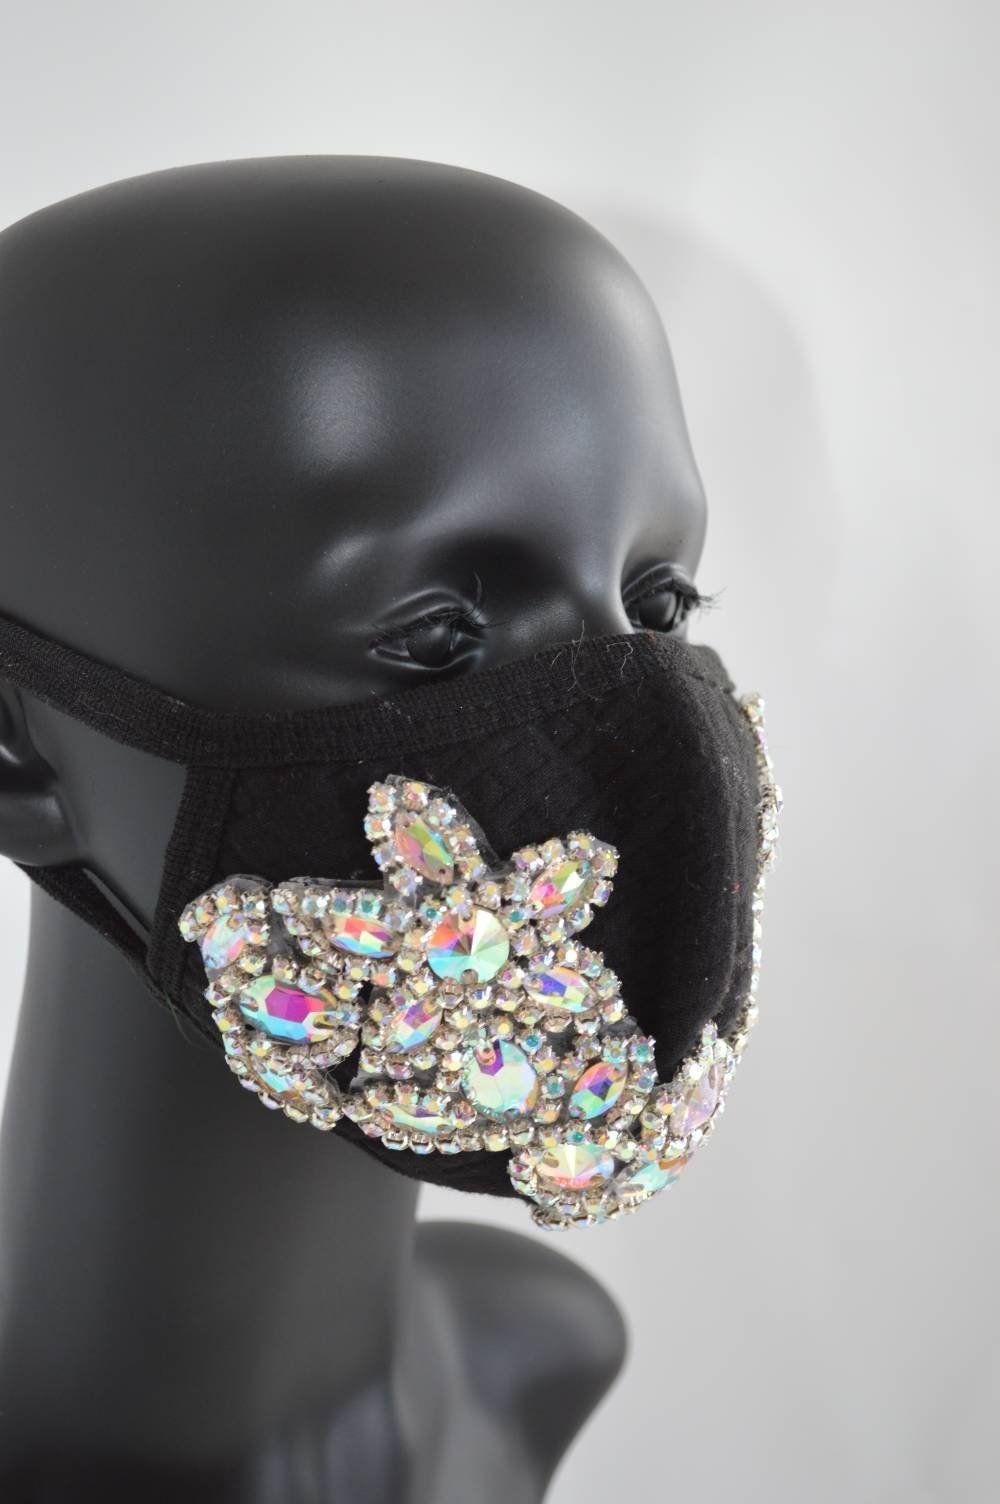 Rhinestone Rave mask Burning Man costumes Dust Mask